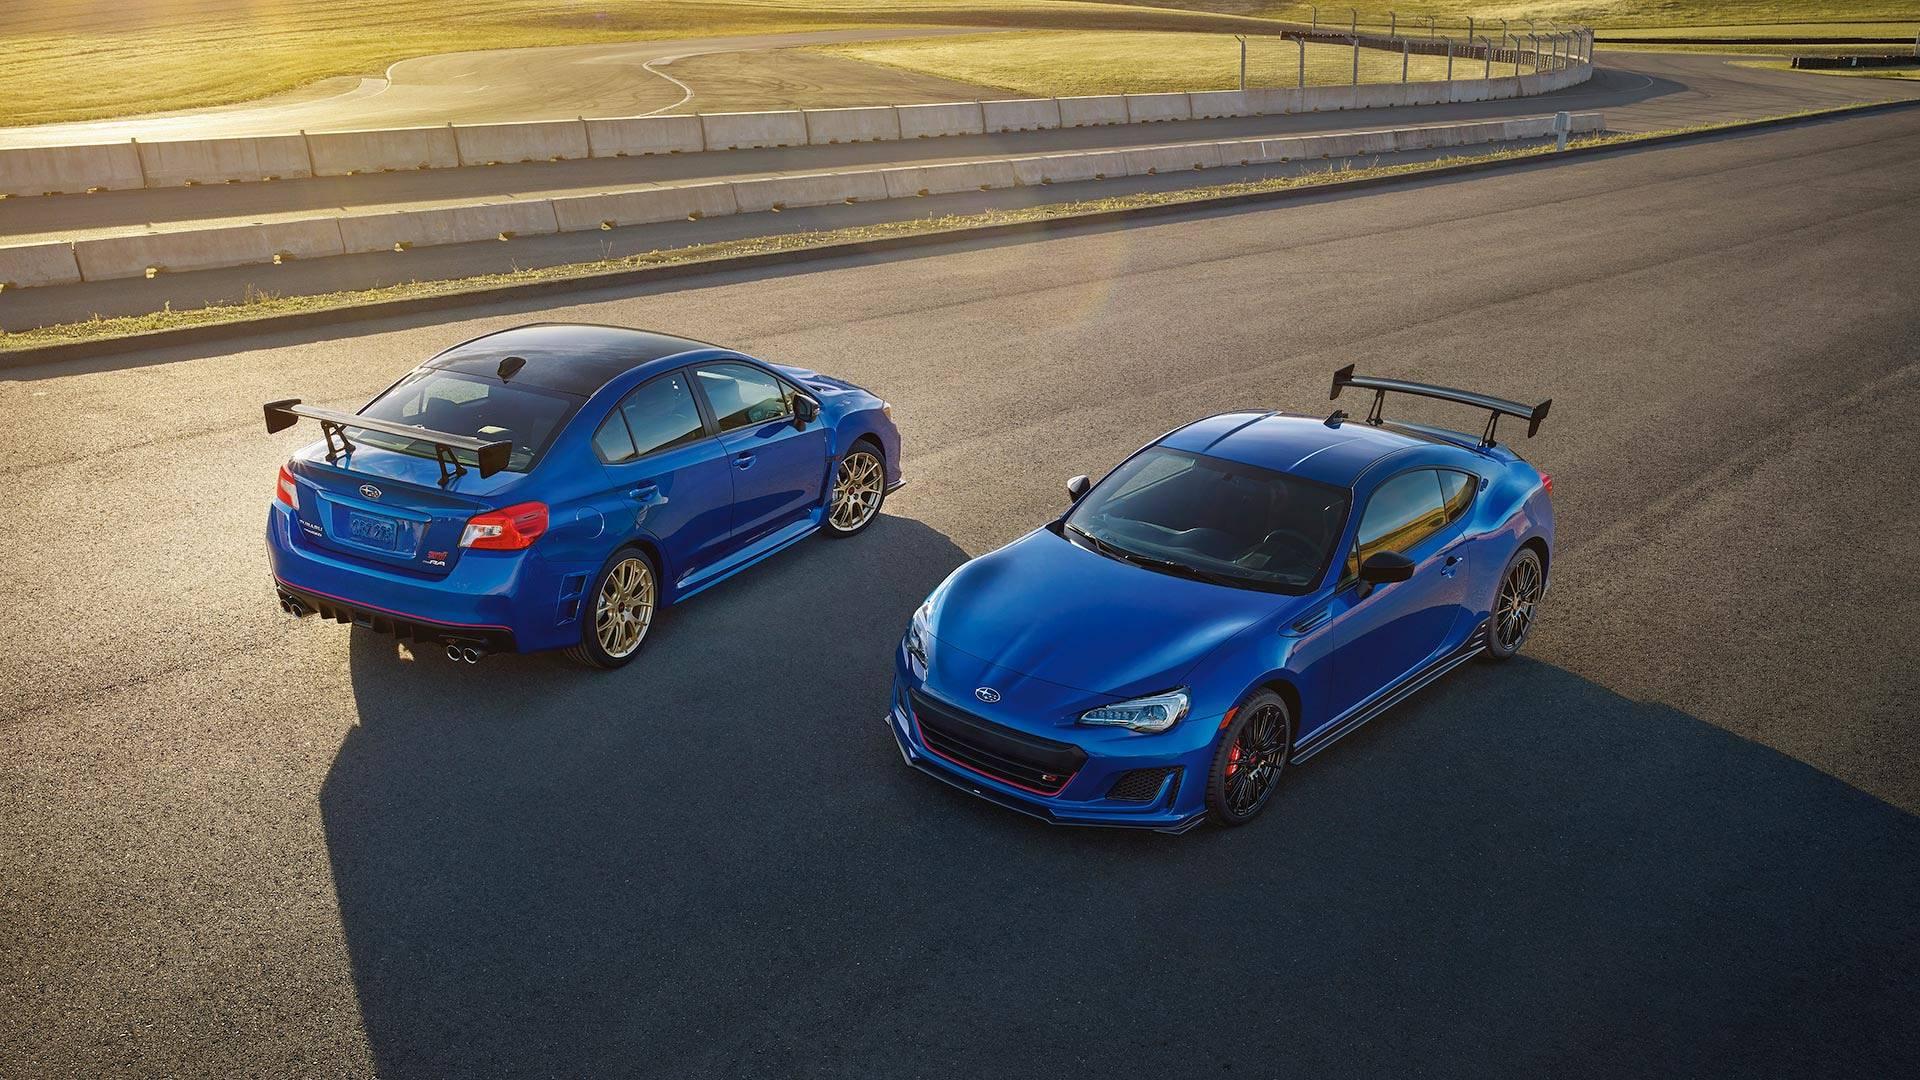 Brz Vs Wrx >> Subaru Prices Hardcore Wrx Sti Type Ra And Brz Ts